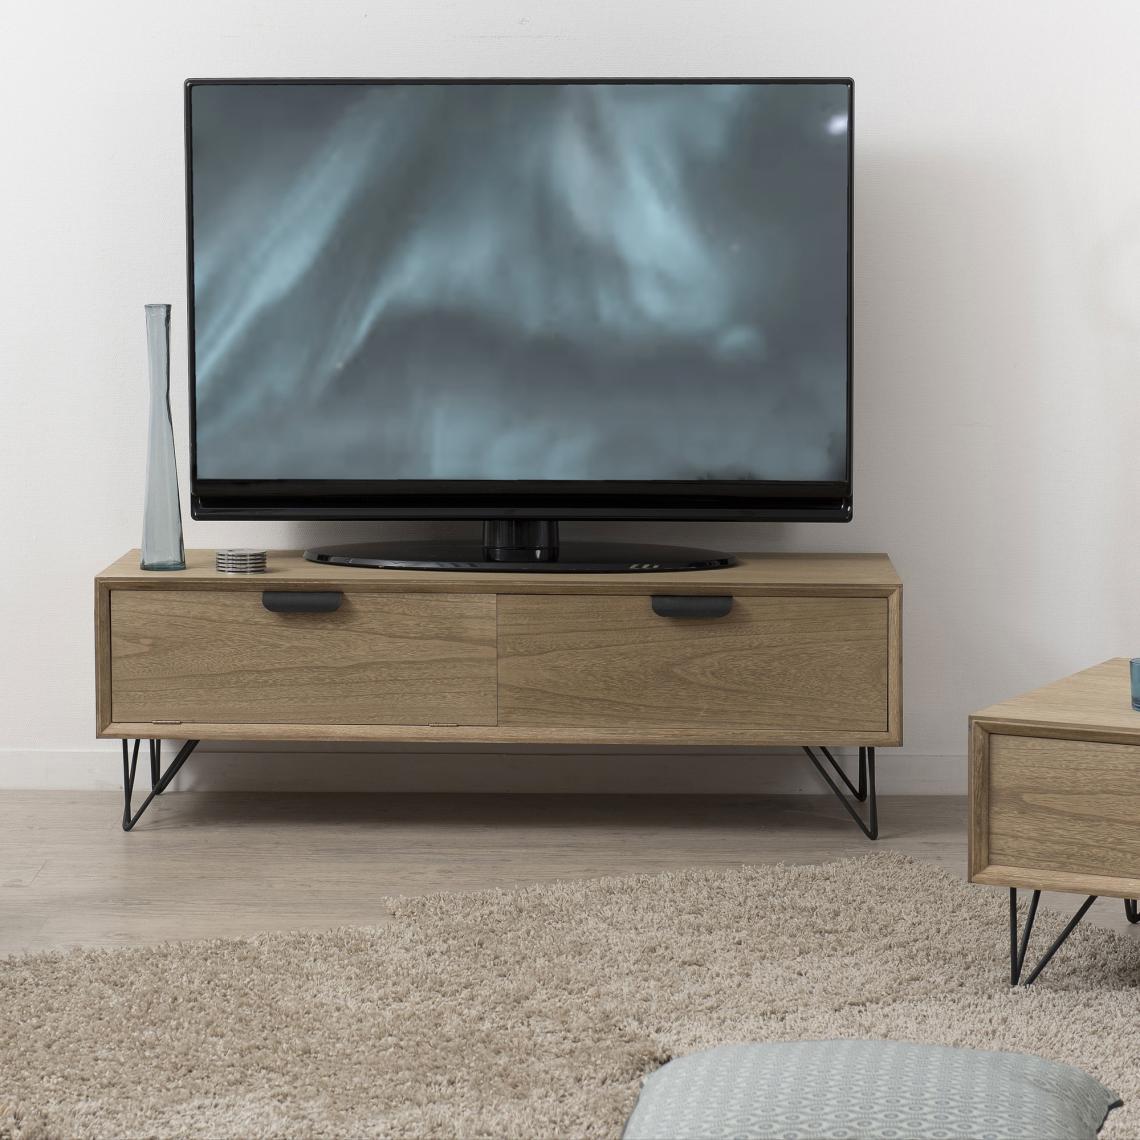 Meuble Tv Rectangulaire 1 Porte 1 Tiroir Pieds Épingle En tout Meuble Tv 3 Suisses